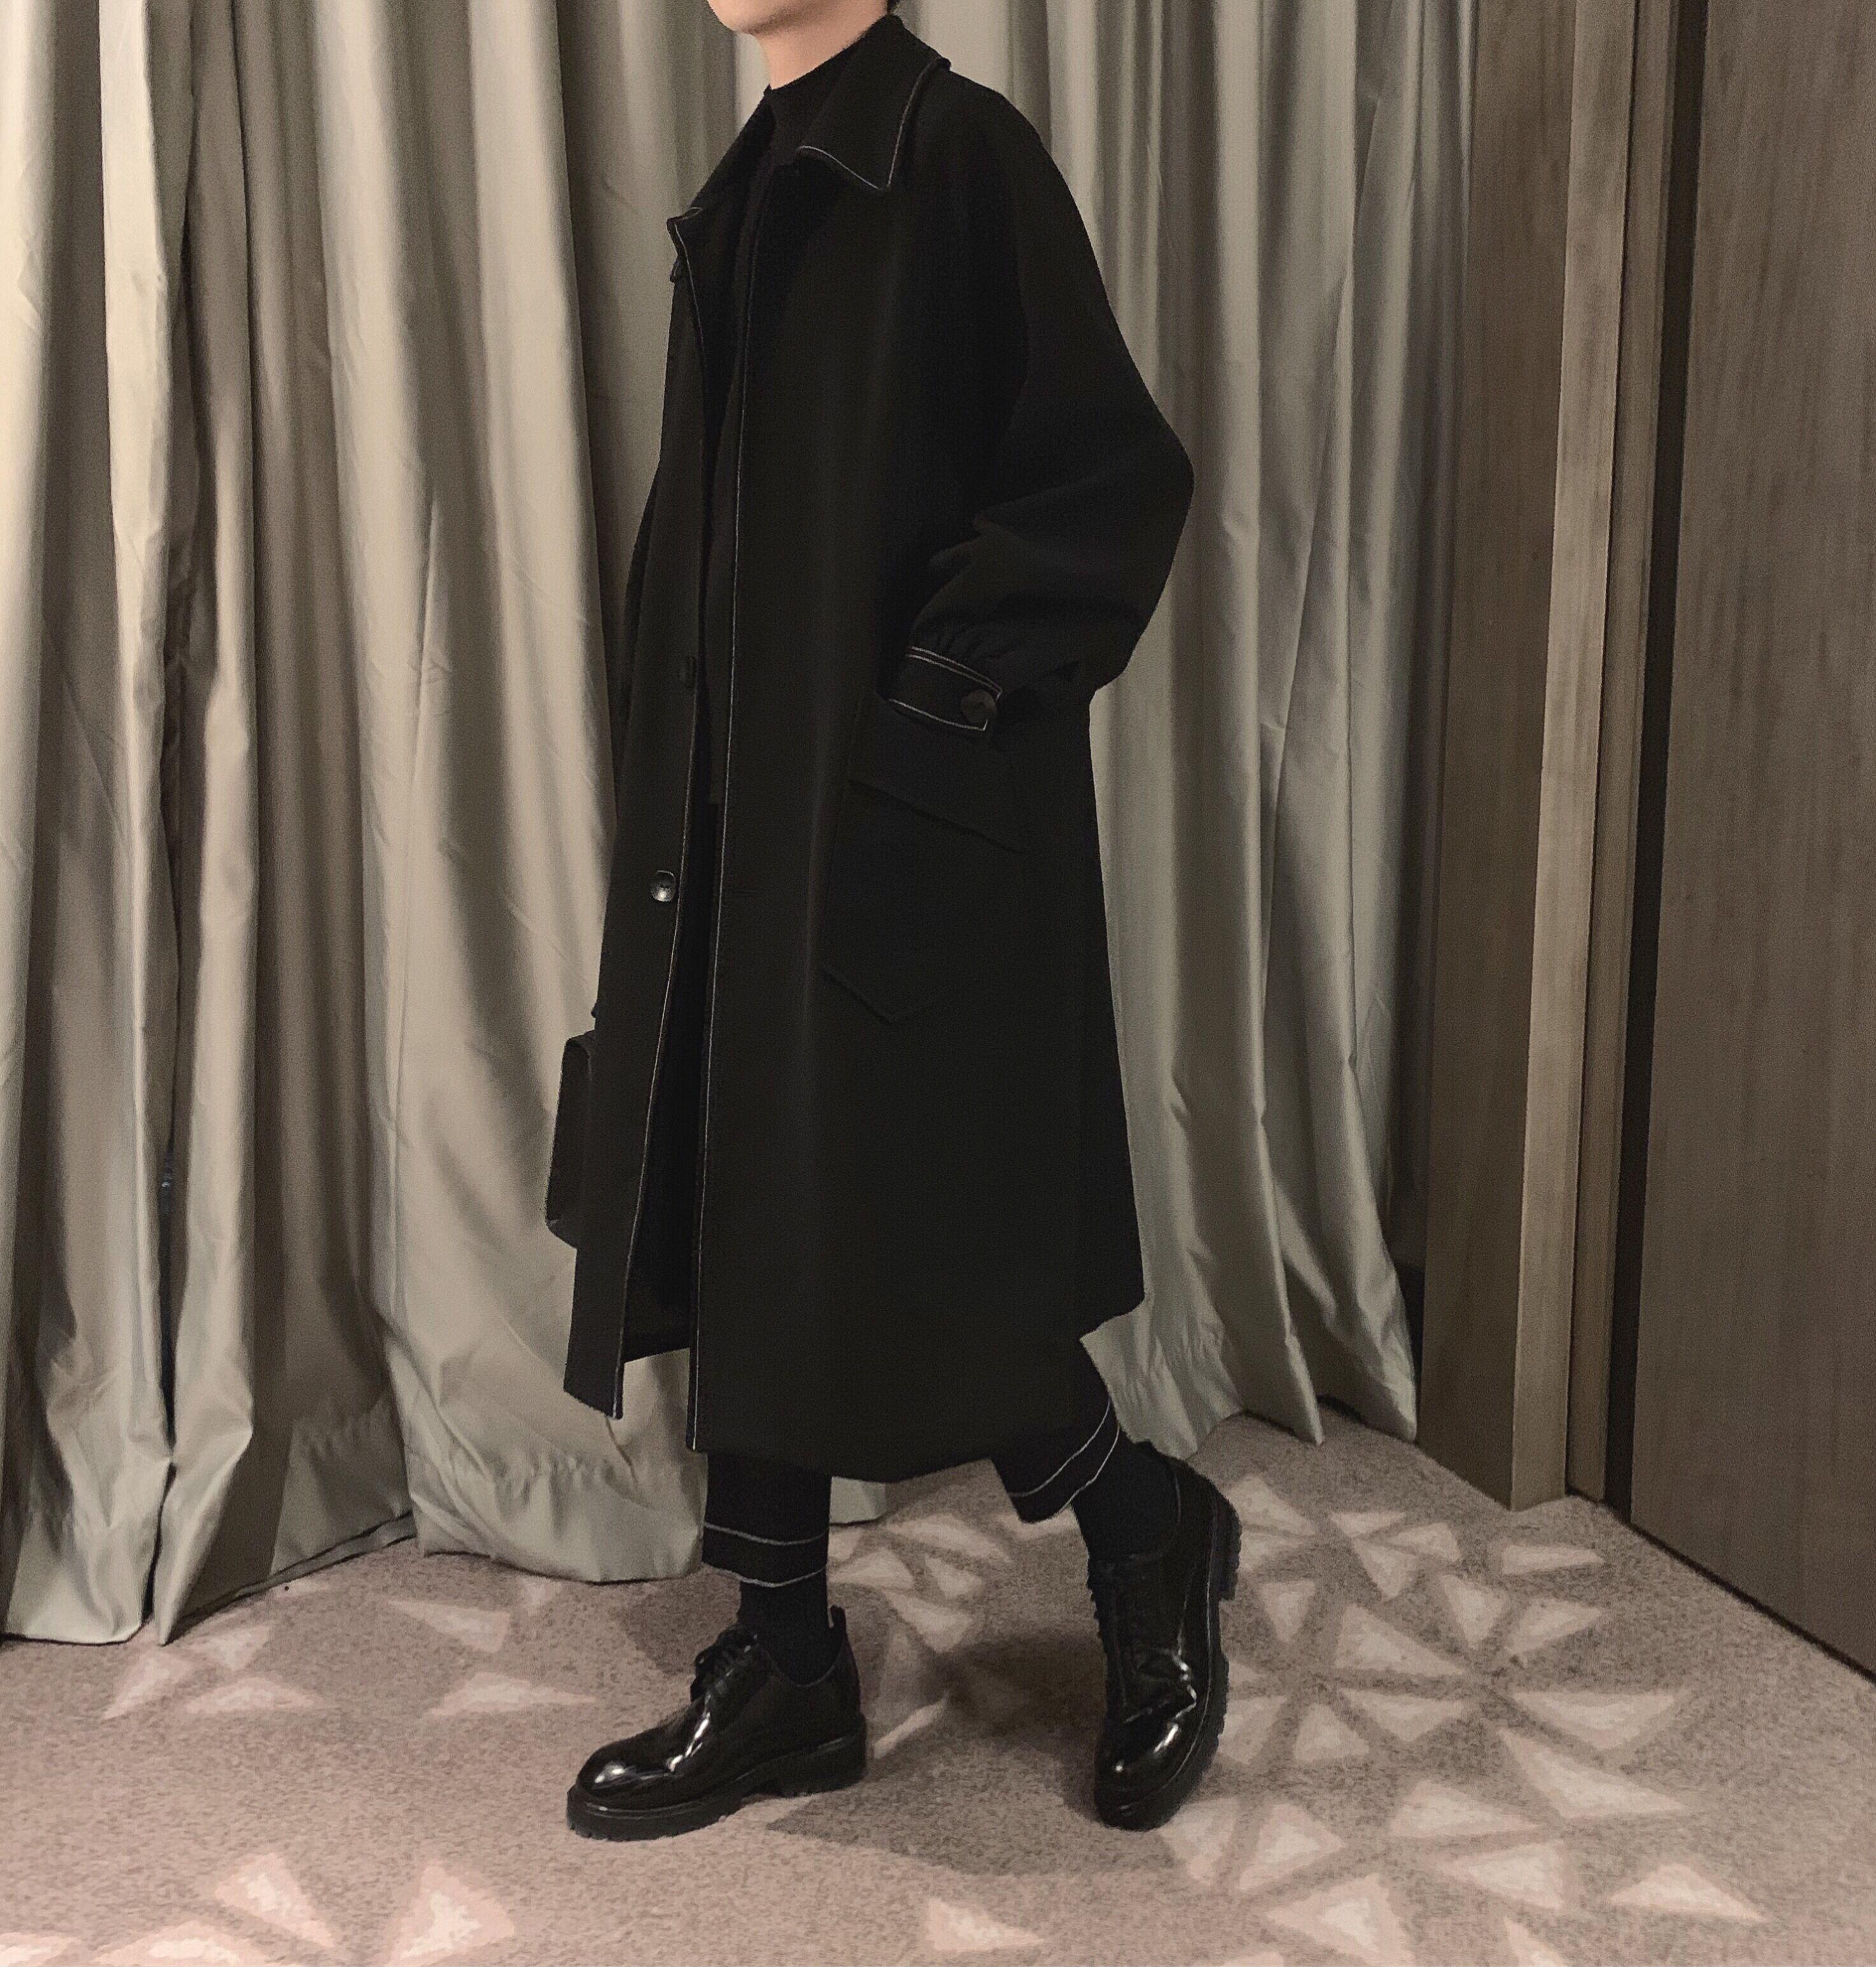 阿茶与阿古暗黑气质明线风衣男韩版中长款潮流帅气过膝外套